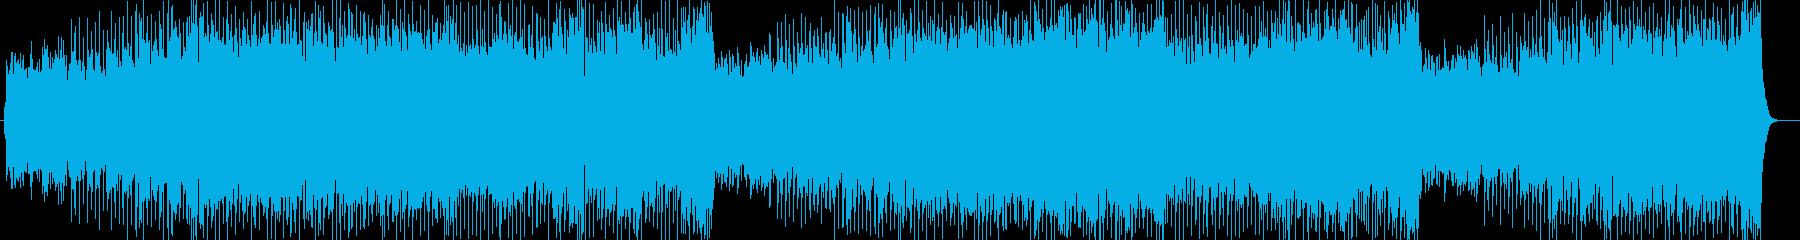 モダンで洒落たアップテンポのテクノポップの再生済みの波形